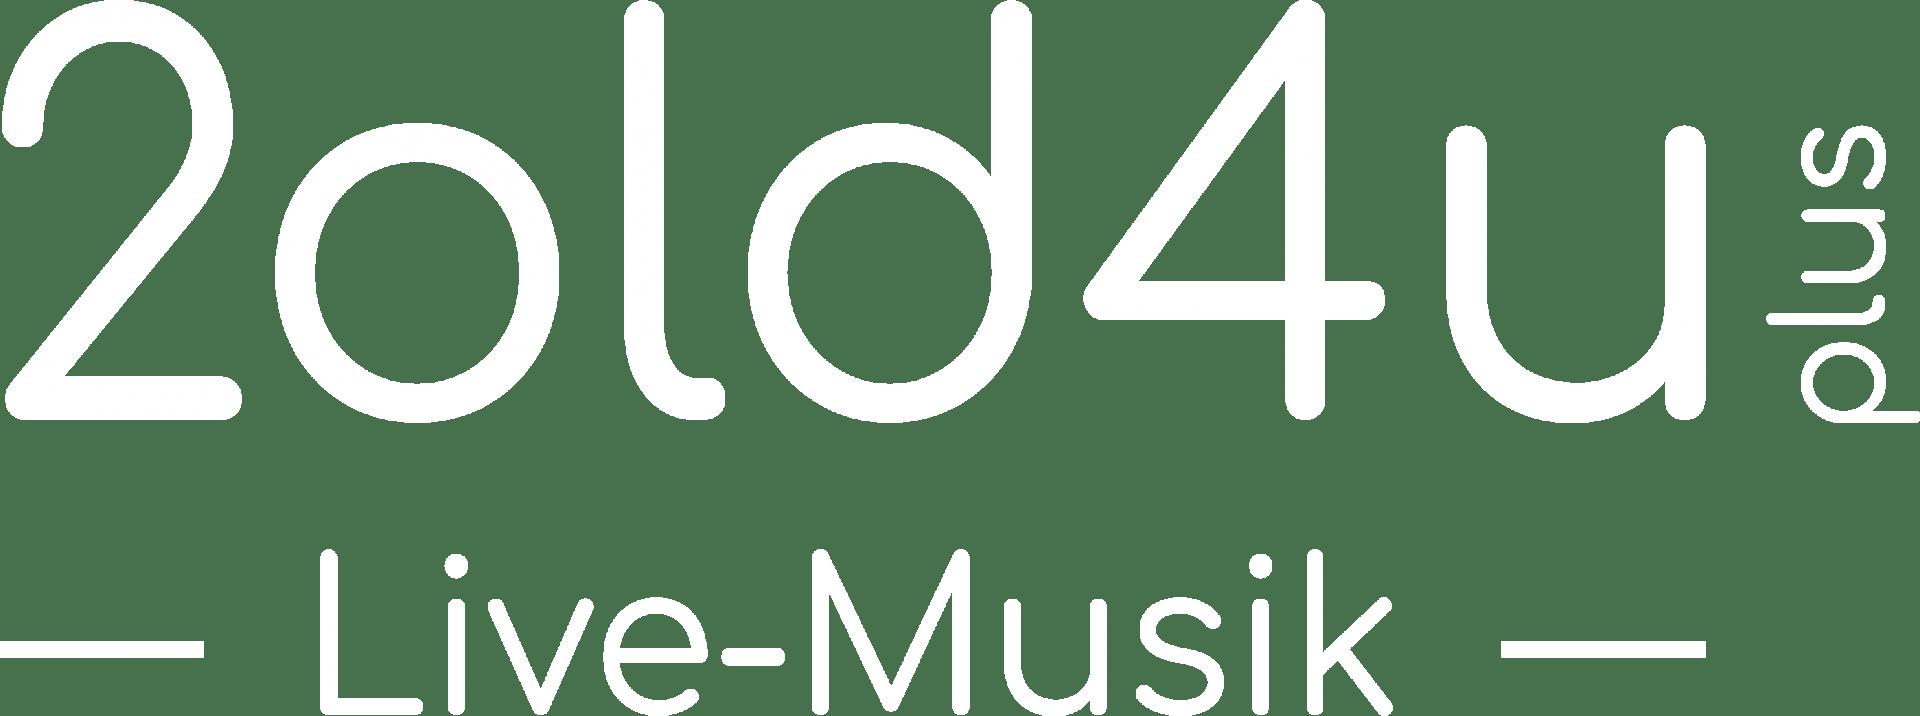 Logo 2old4u+ (weiß)